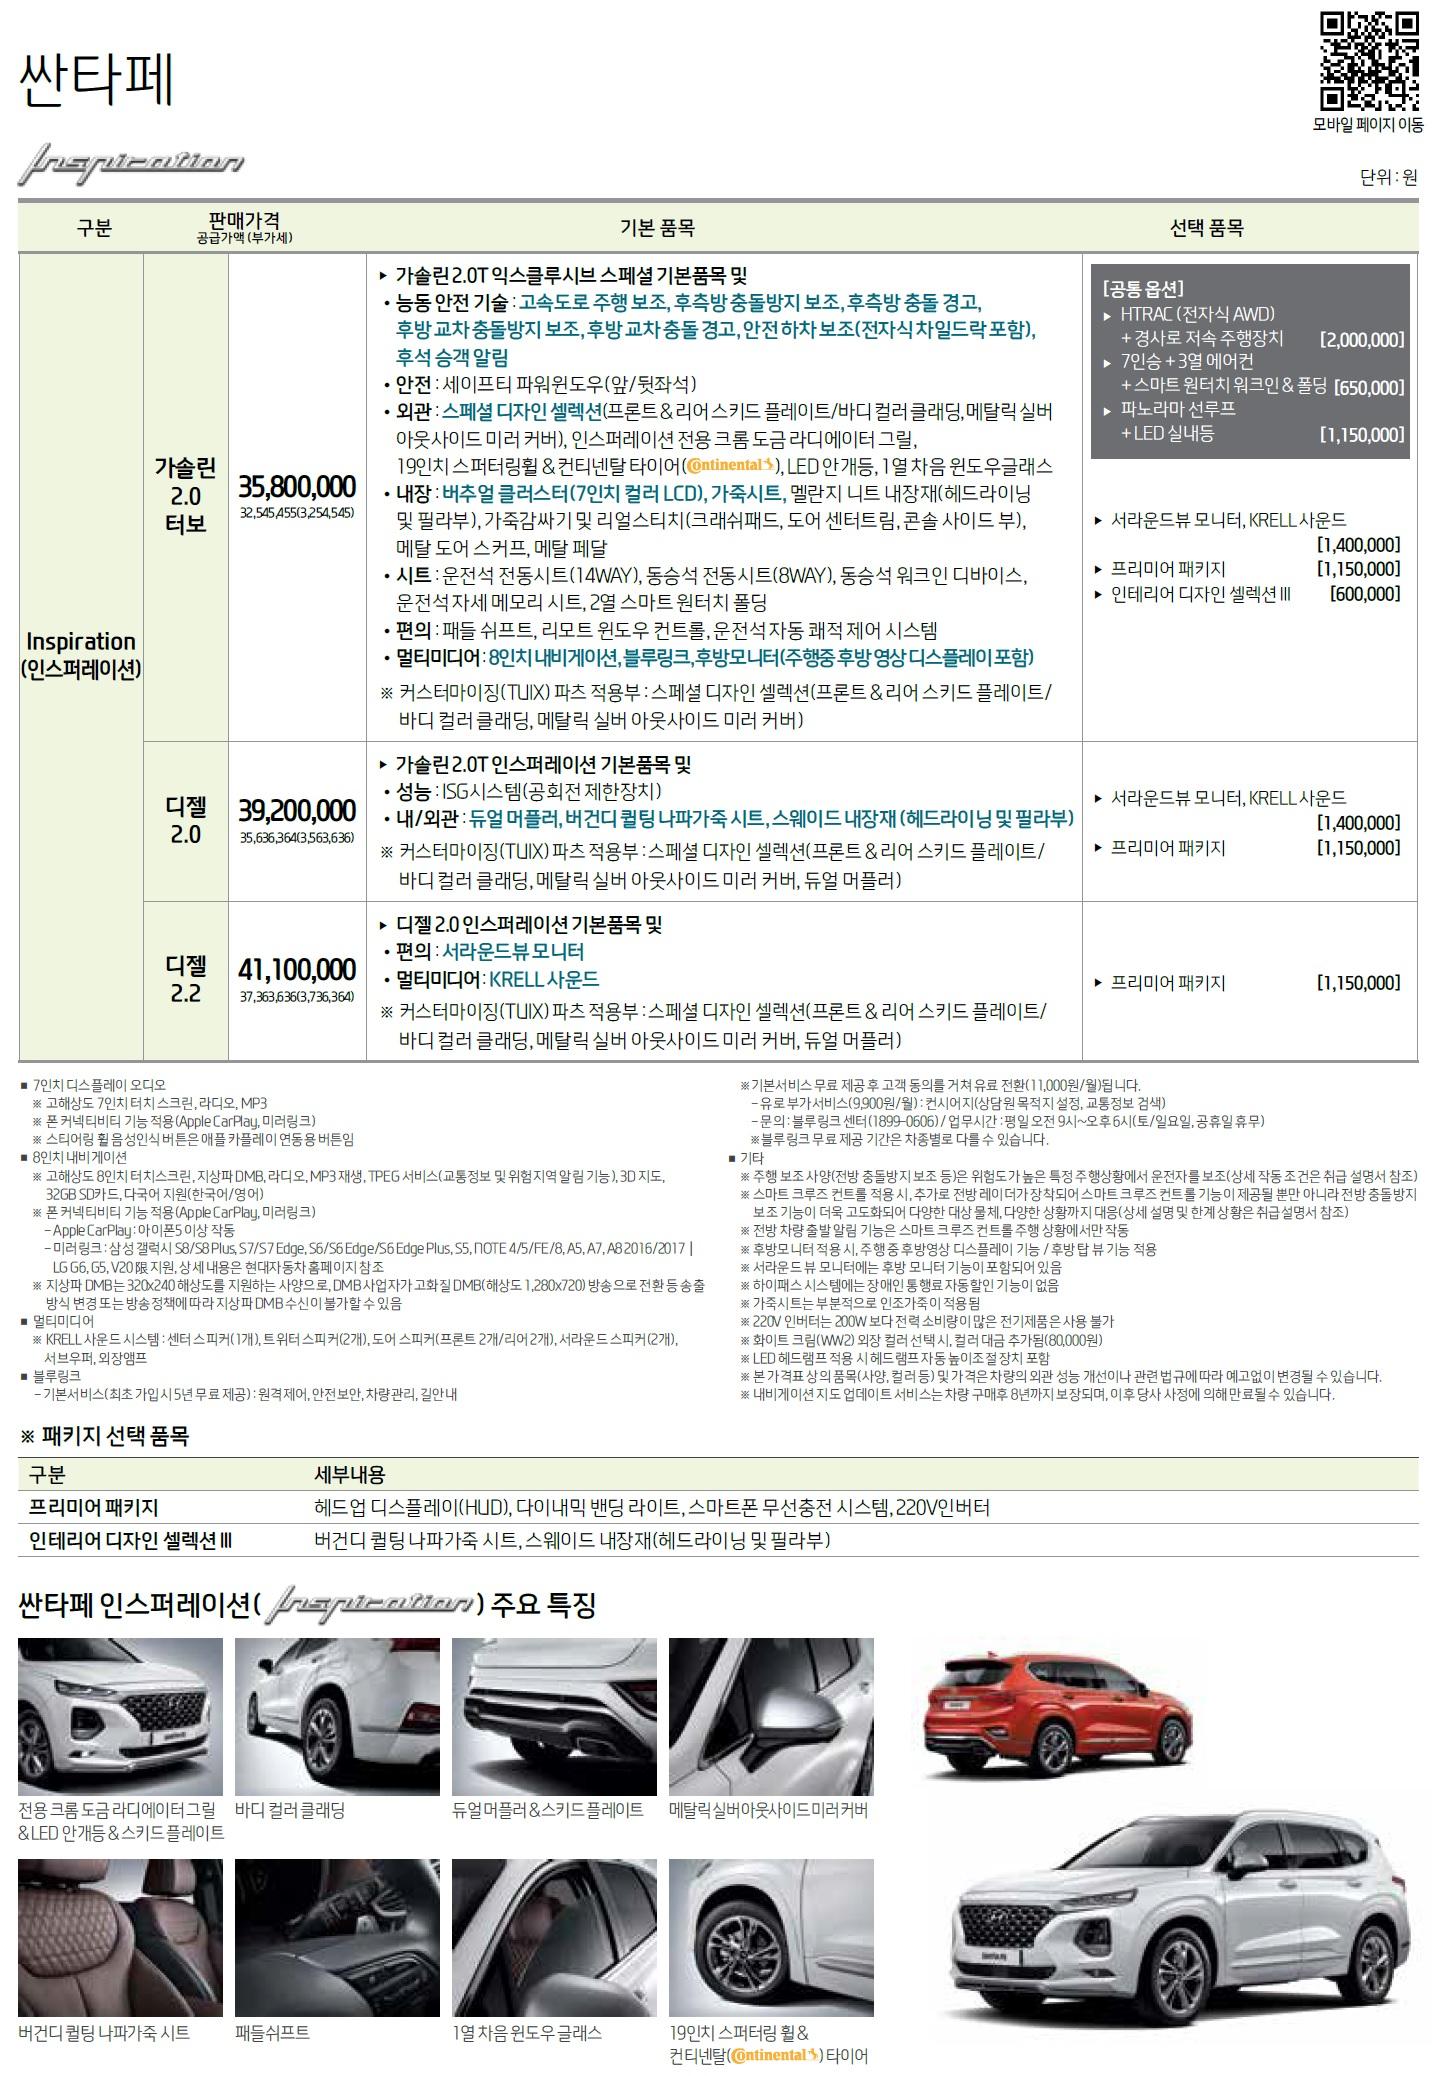 싼타페TM 가격표 - 2018년 06월 -3.jpg